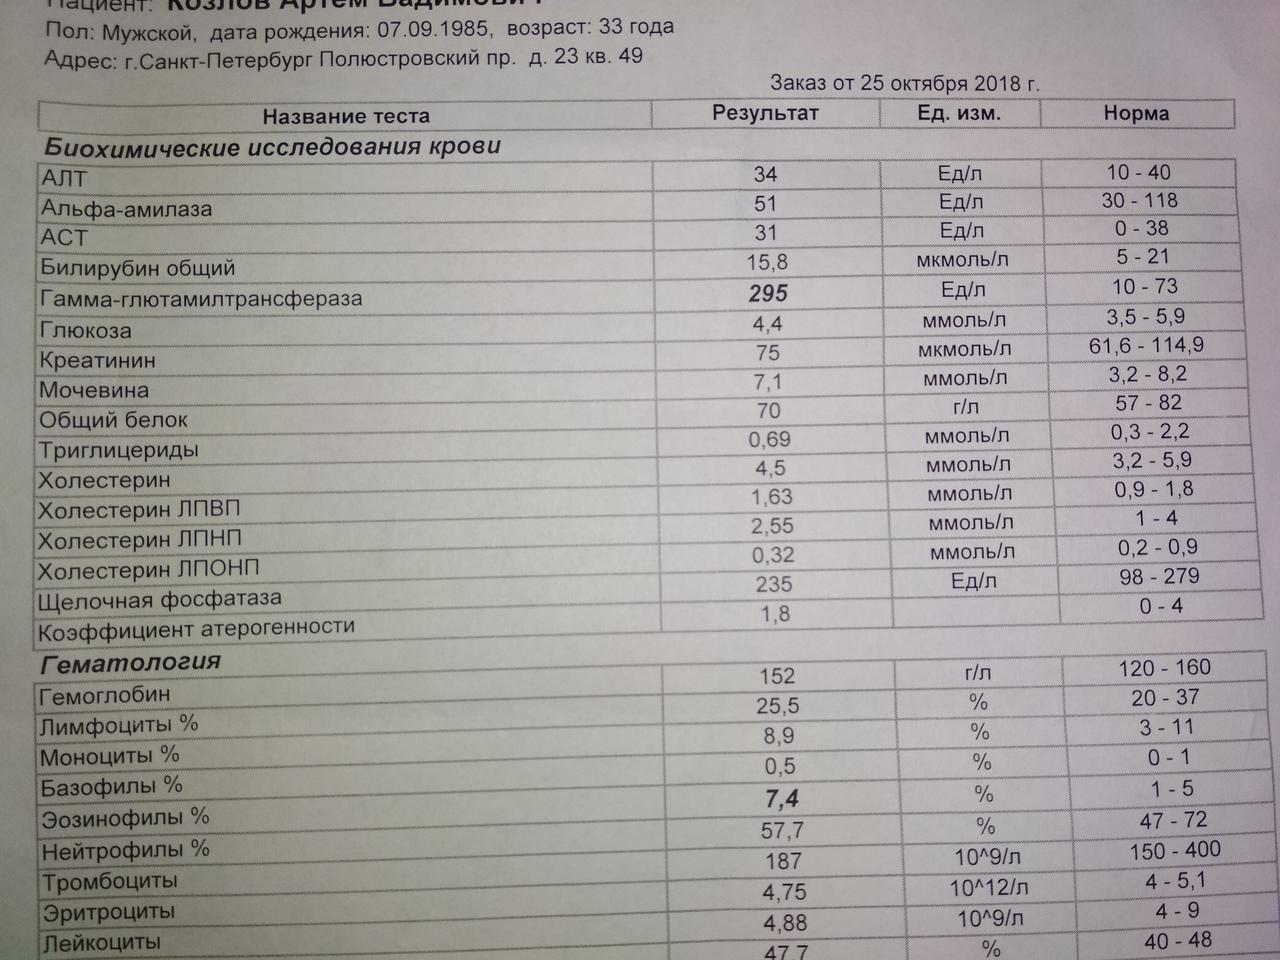 Анализ норма аст крови повышен на при эндометриозе гормоны список анализы